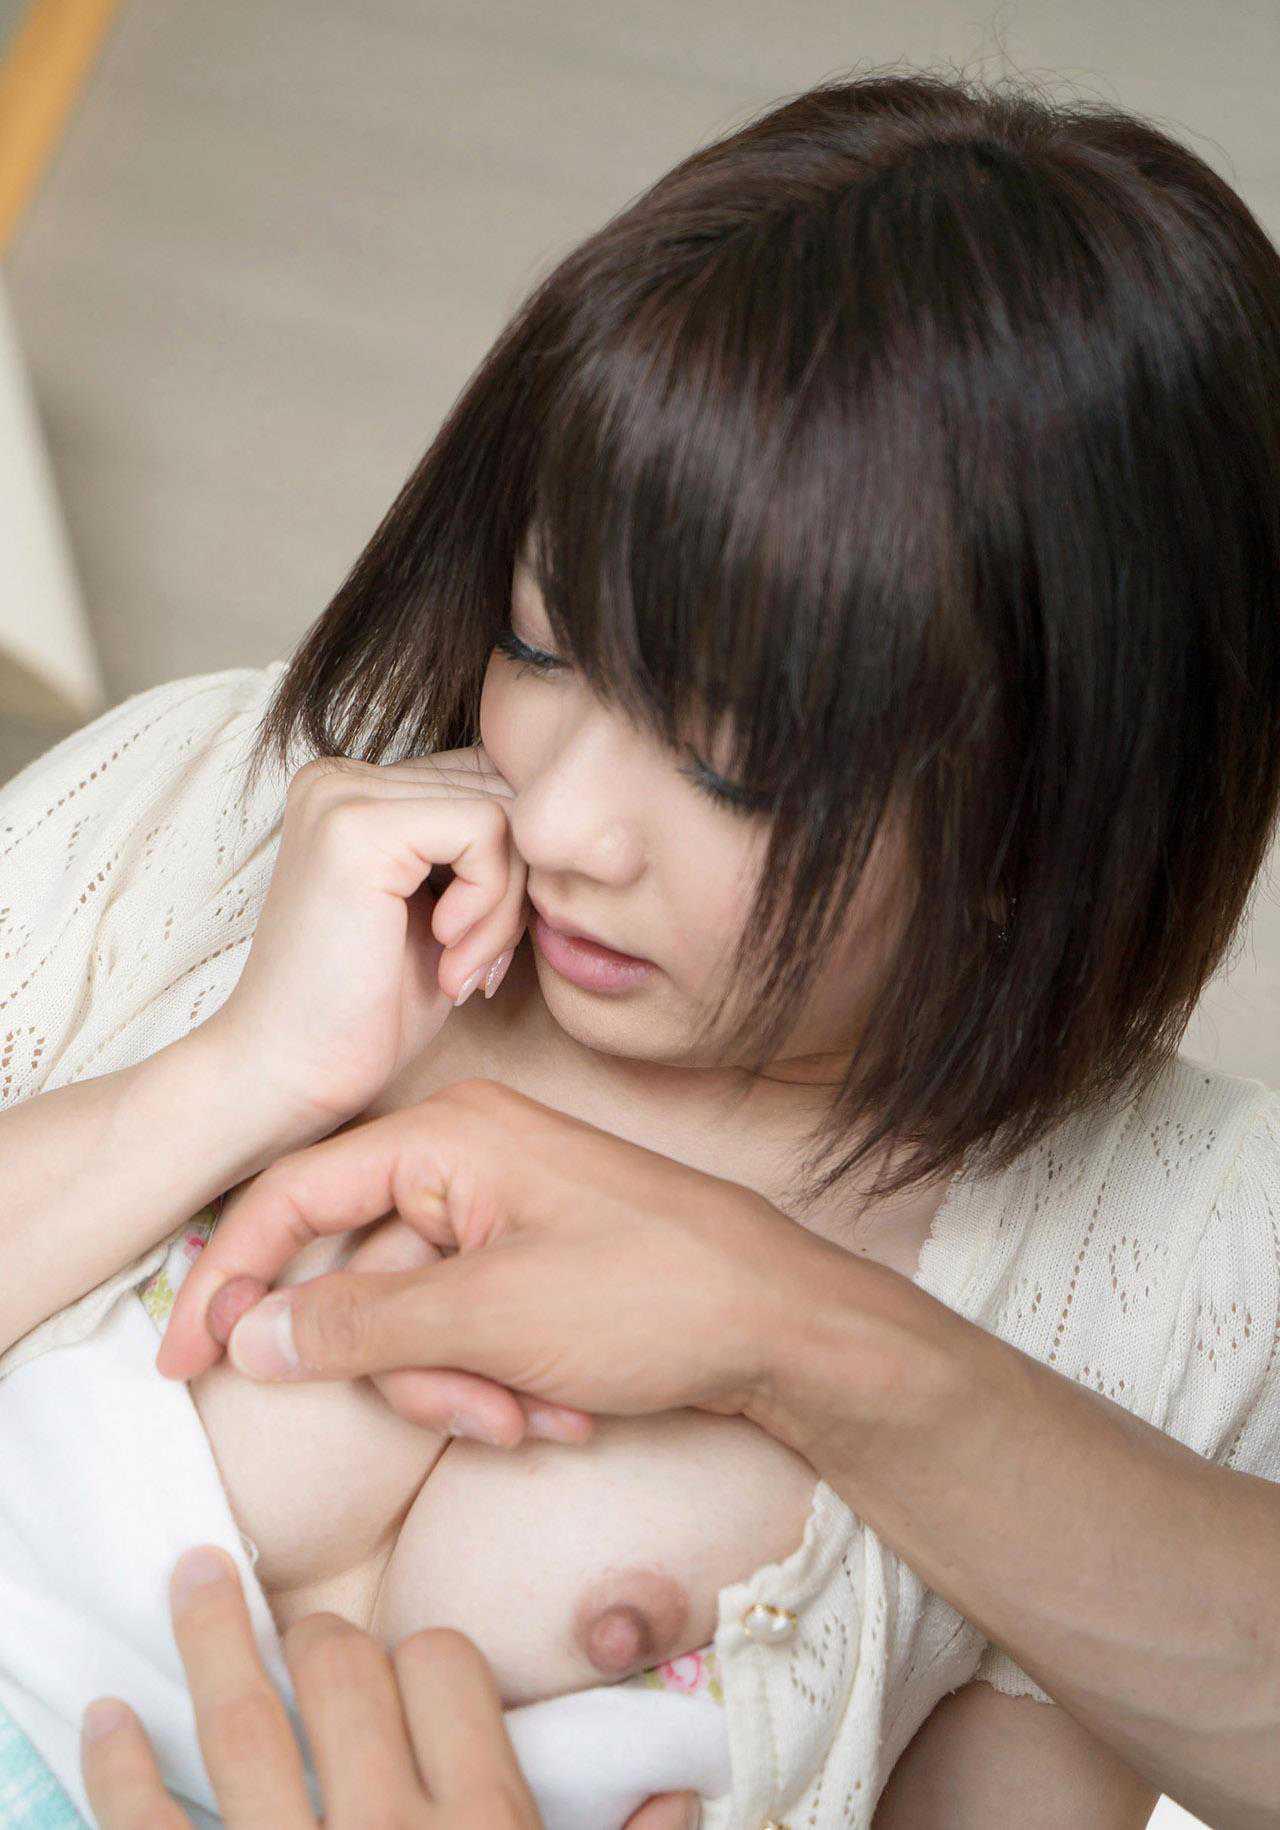 童顔エロス、成海うるみ (9)